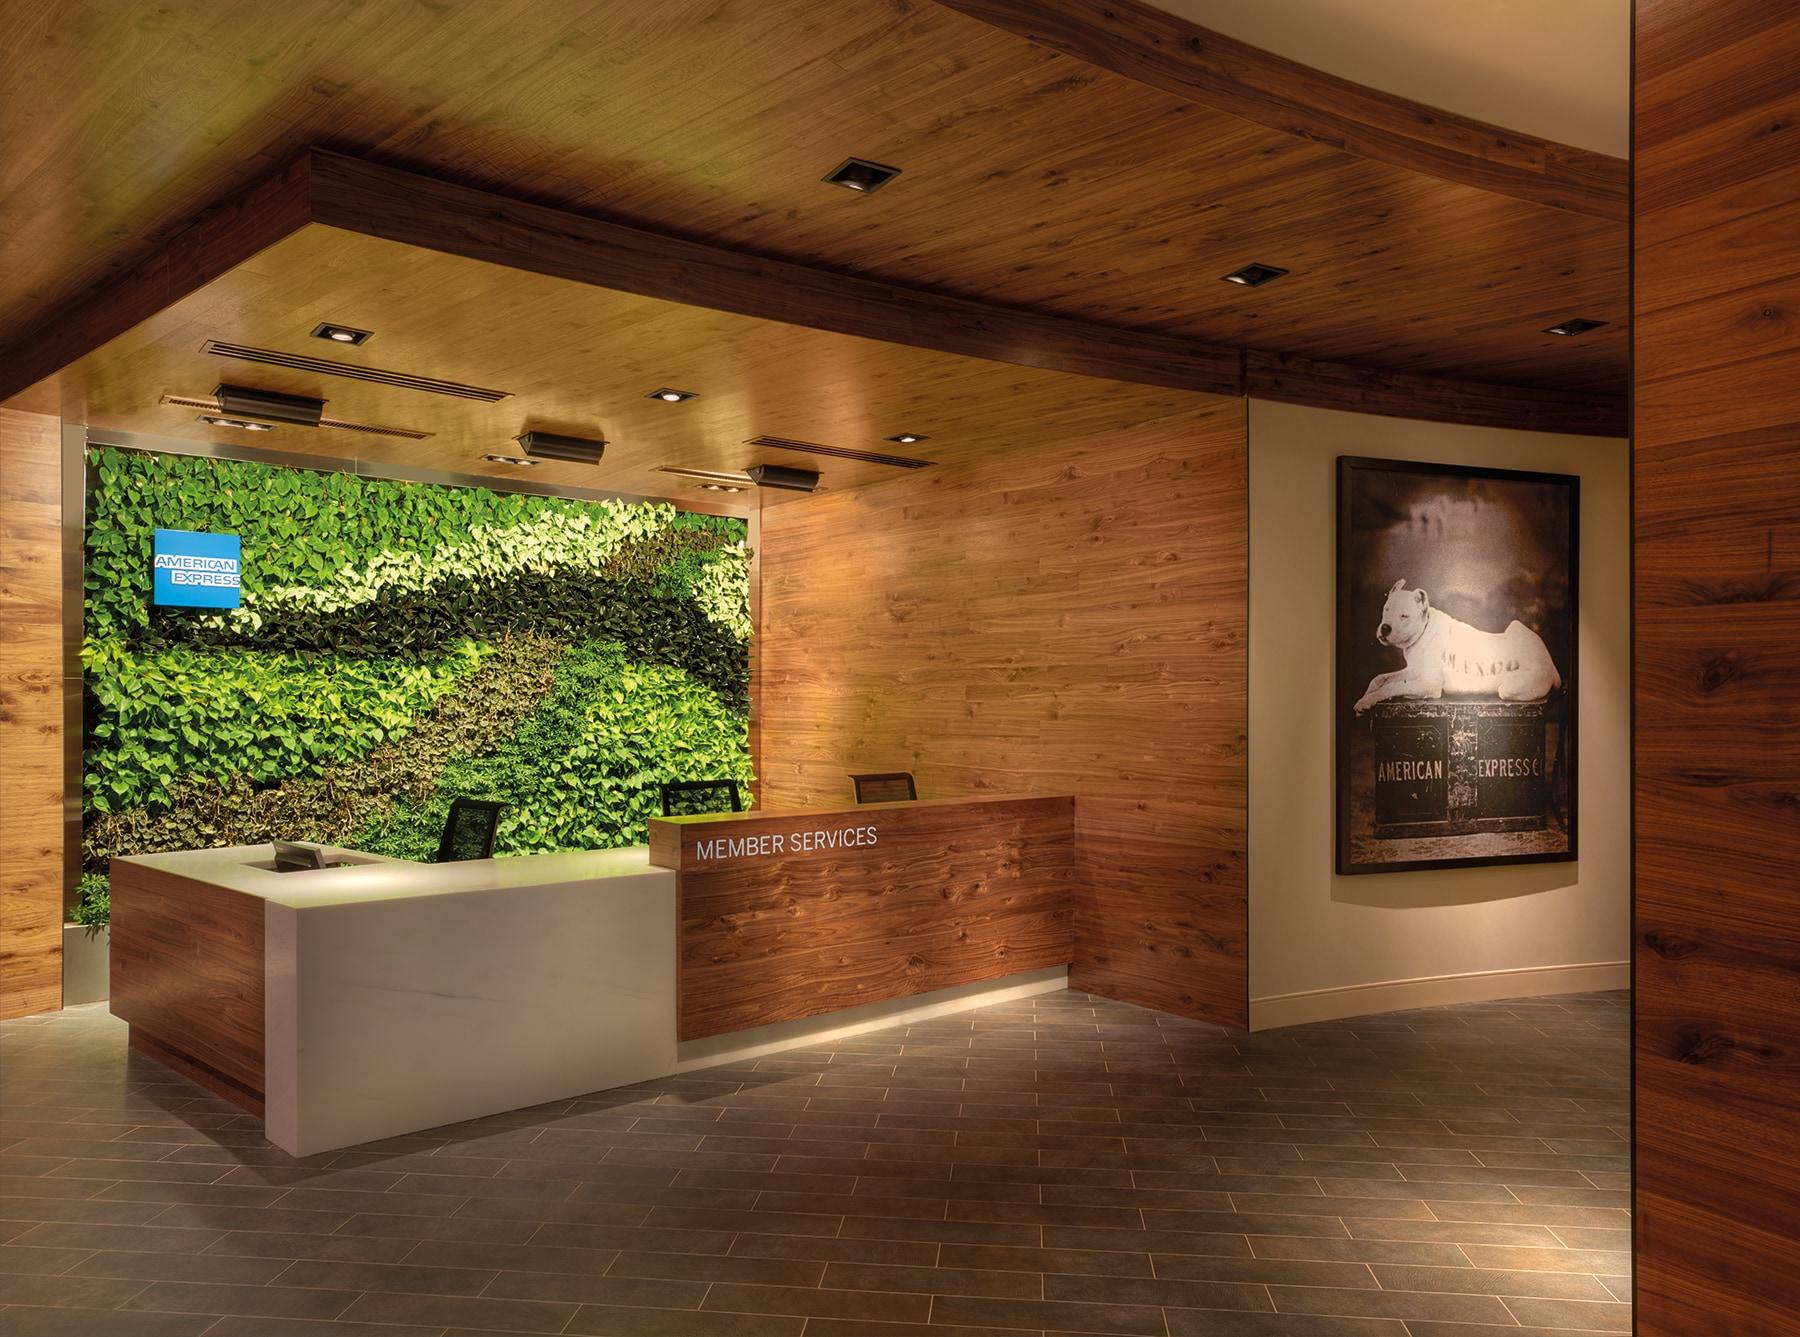 American Express Platinum Card Lounge Access Bangkok